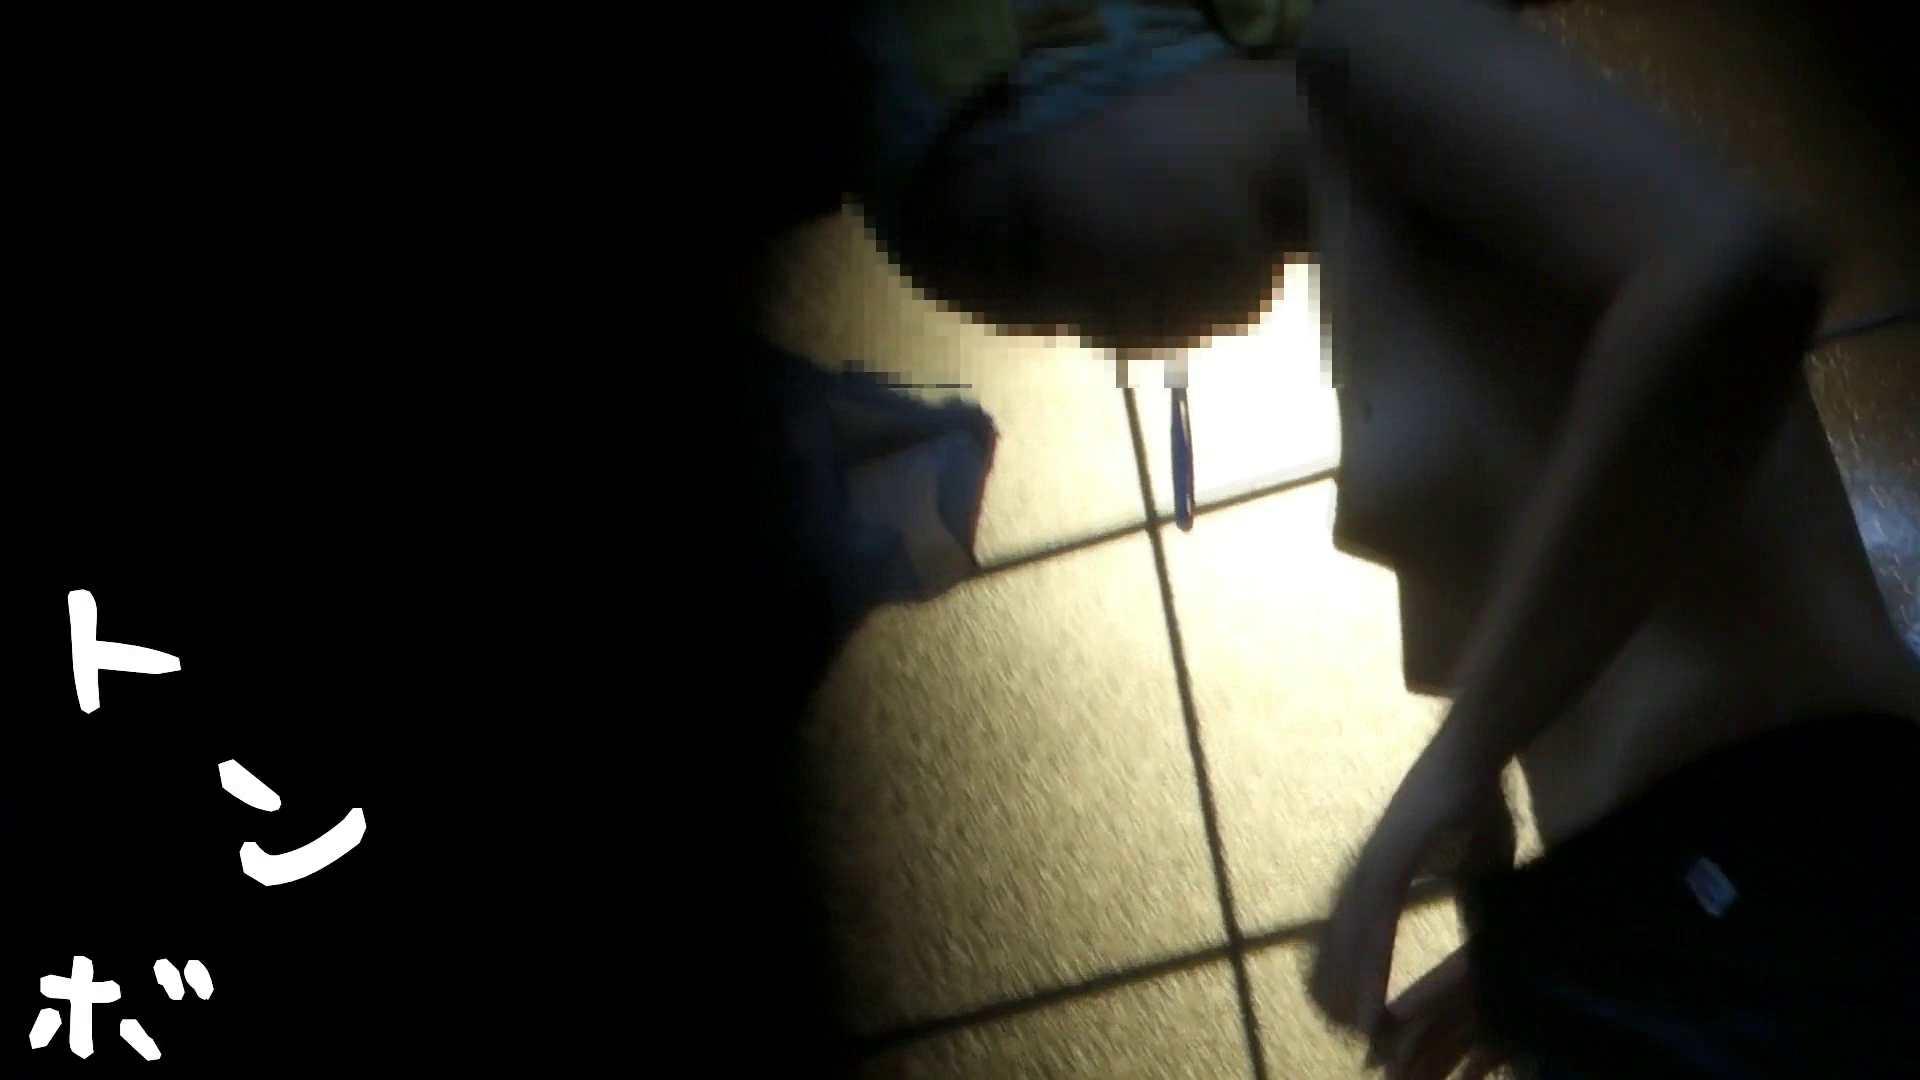 リアル盗撮 新垣結依似!現役女子大生の私生活 潜入 盗み撮りSEX無修正画像 97pic 13